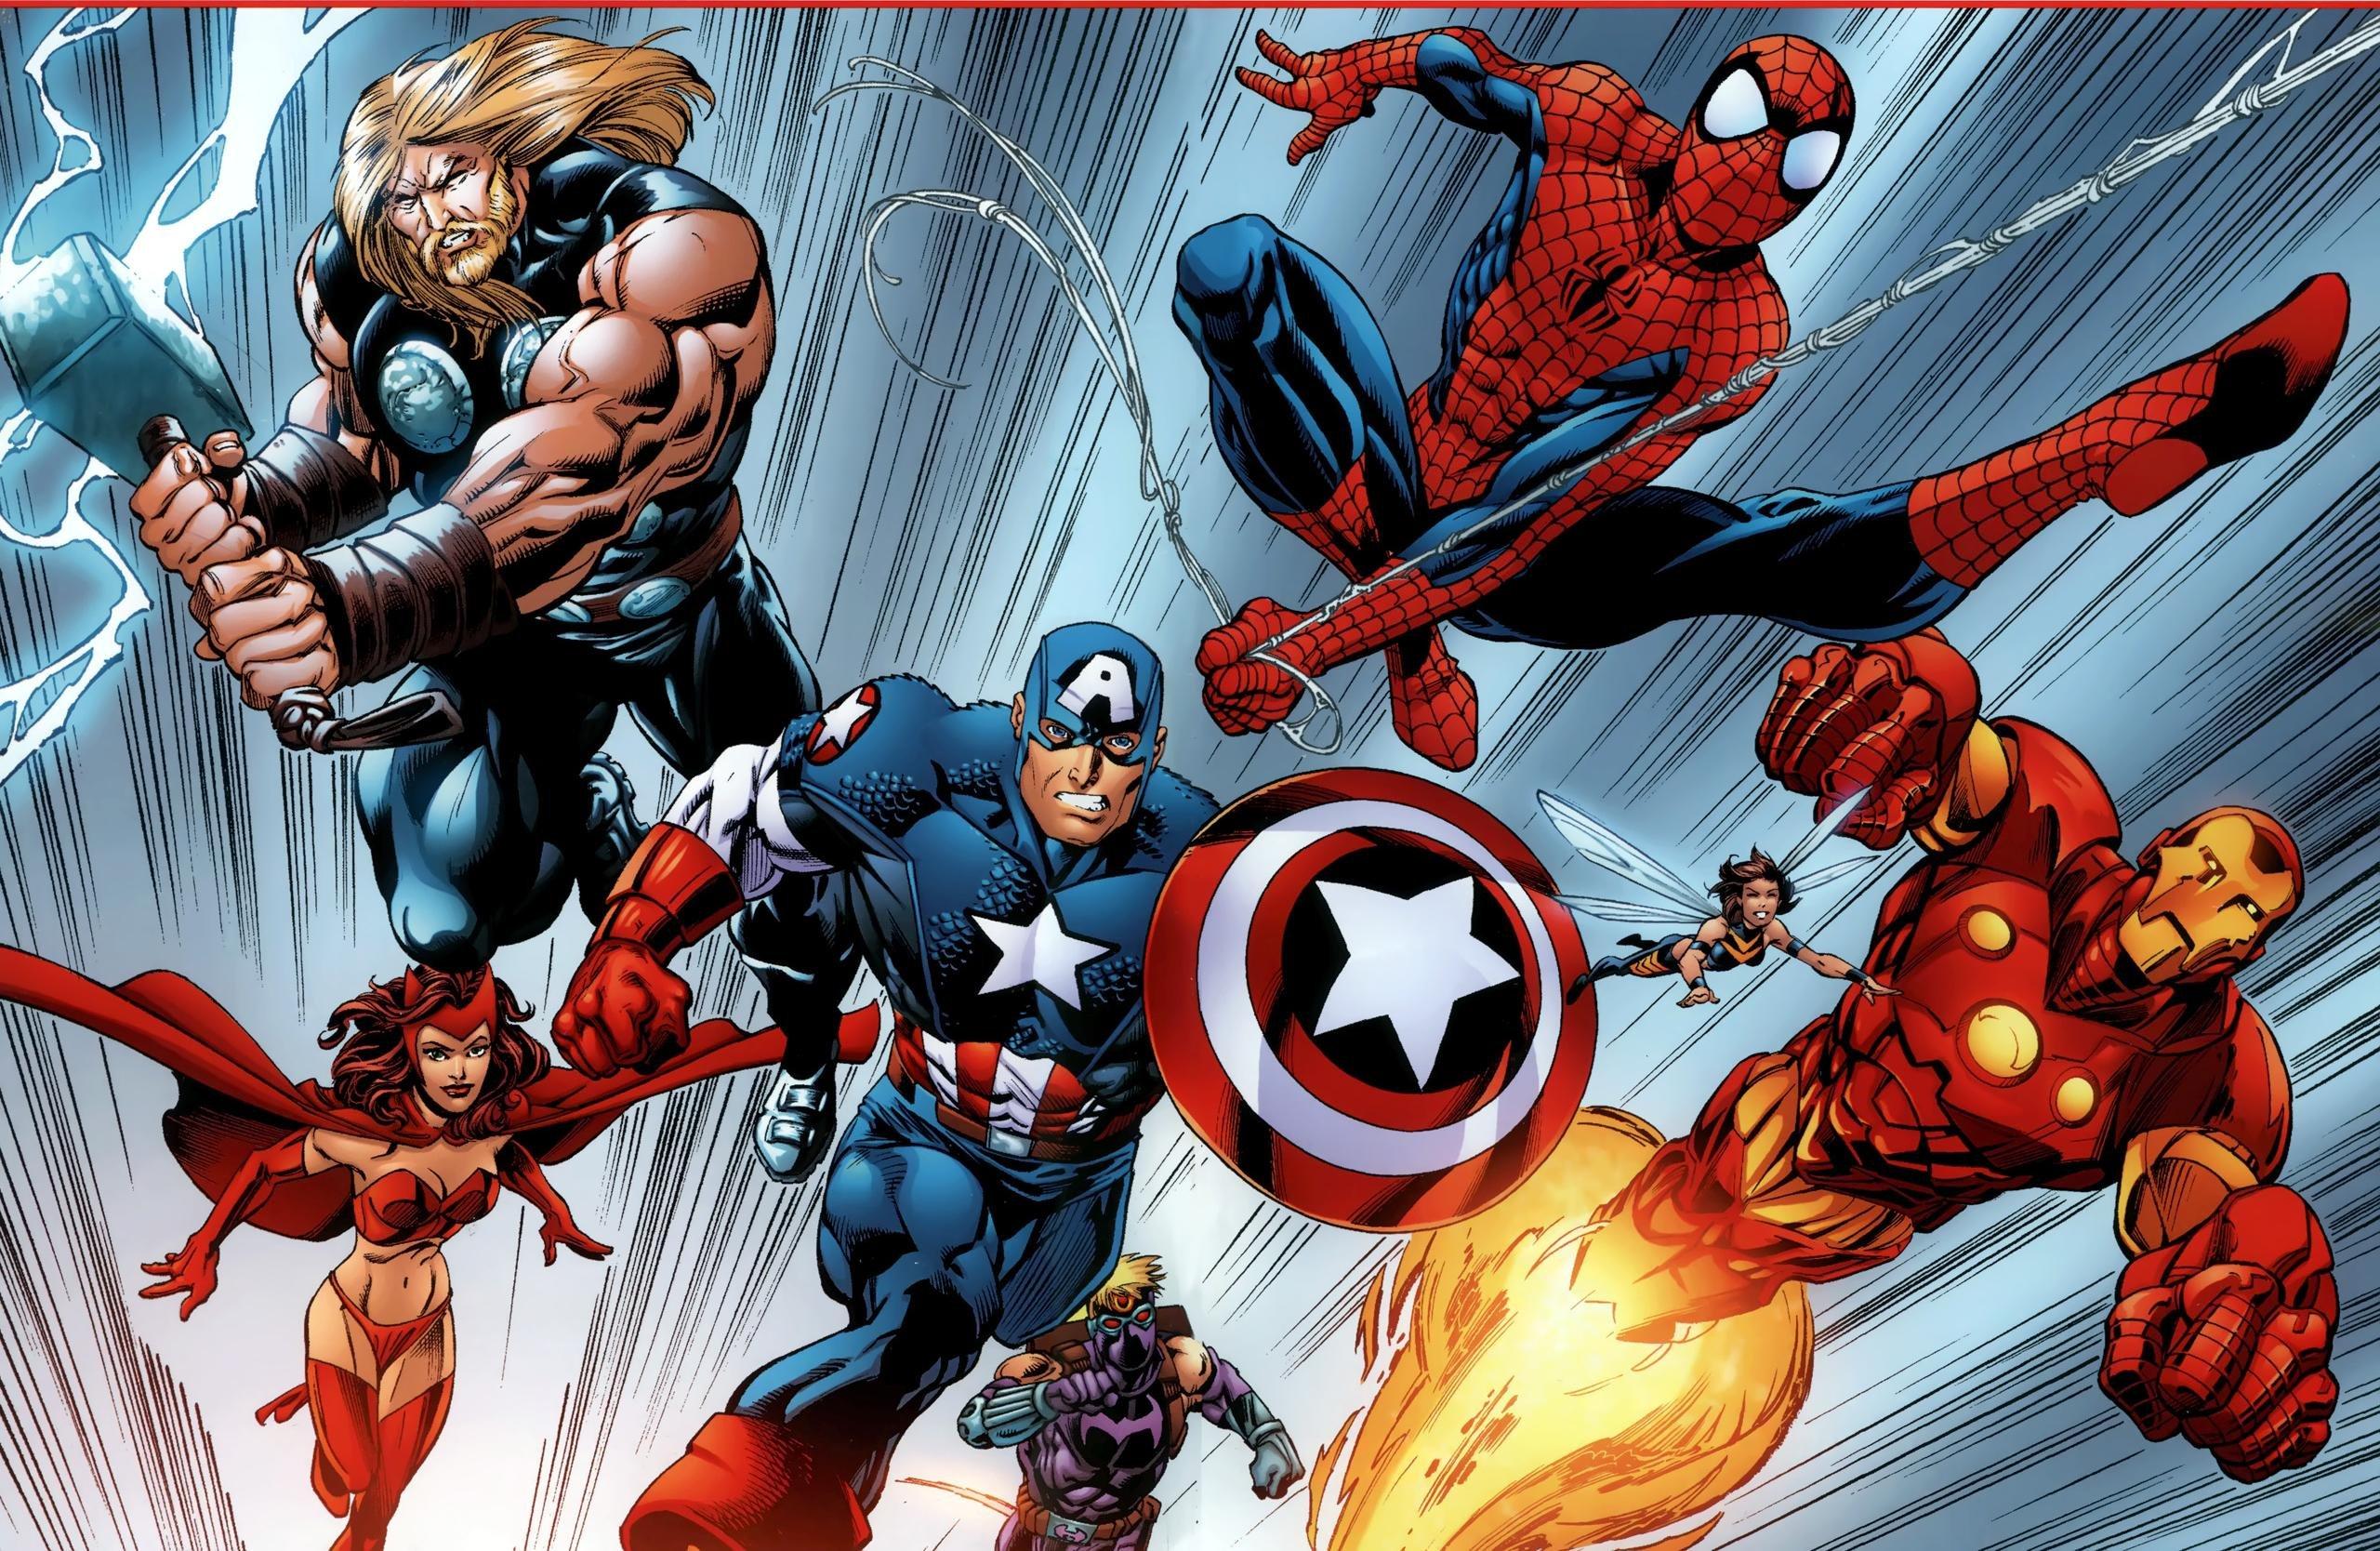 marvek 1.jpeg?resize=412,232 - Univers Marvel: Finalement, le premier personnage transgenre n'est pas pour tout de suite